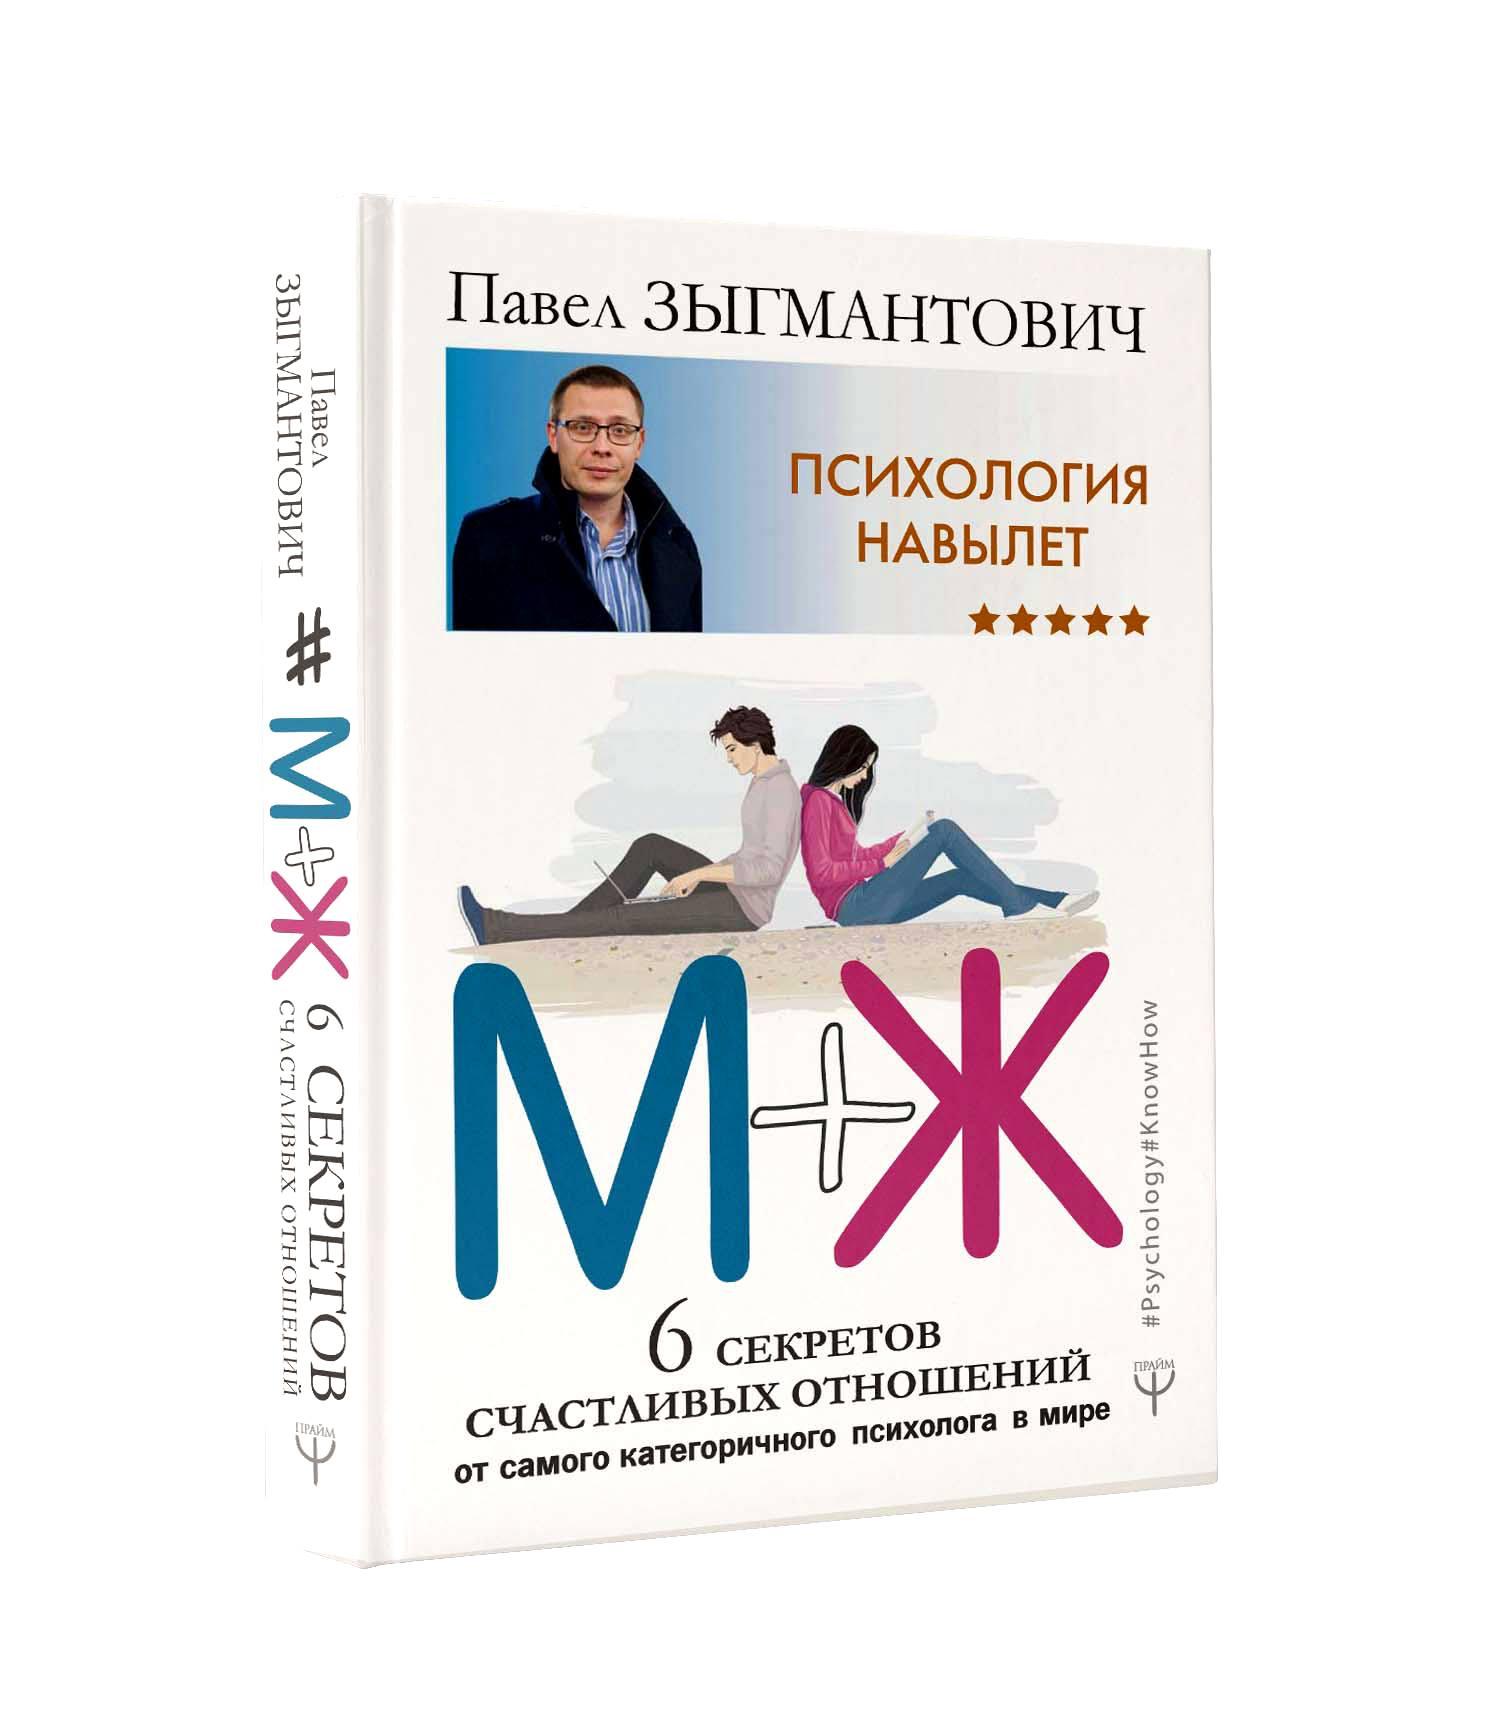 зыгмантович. книга.